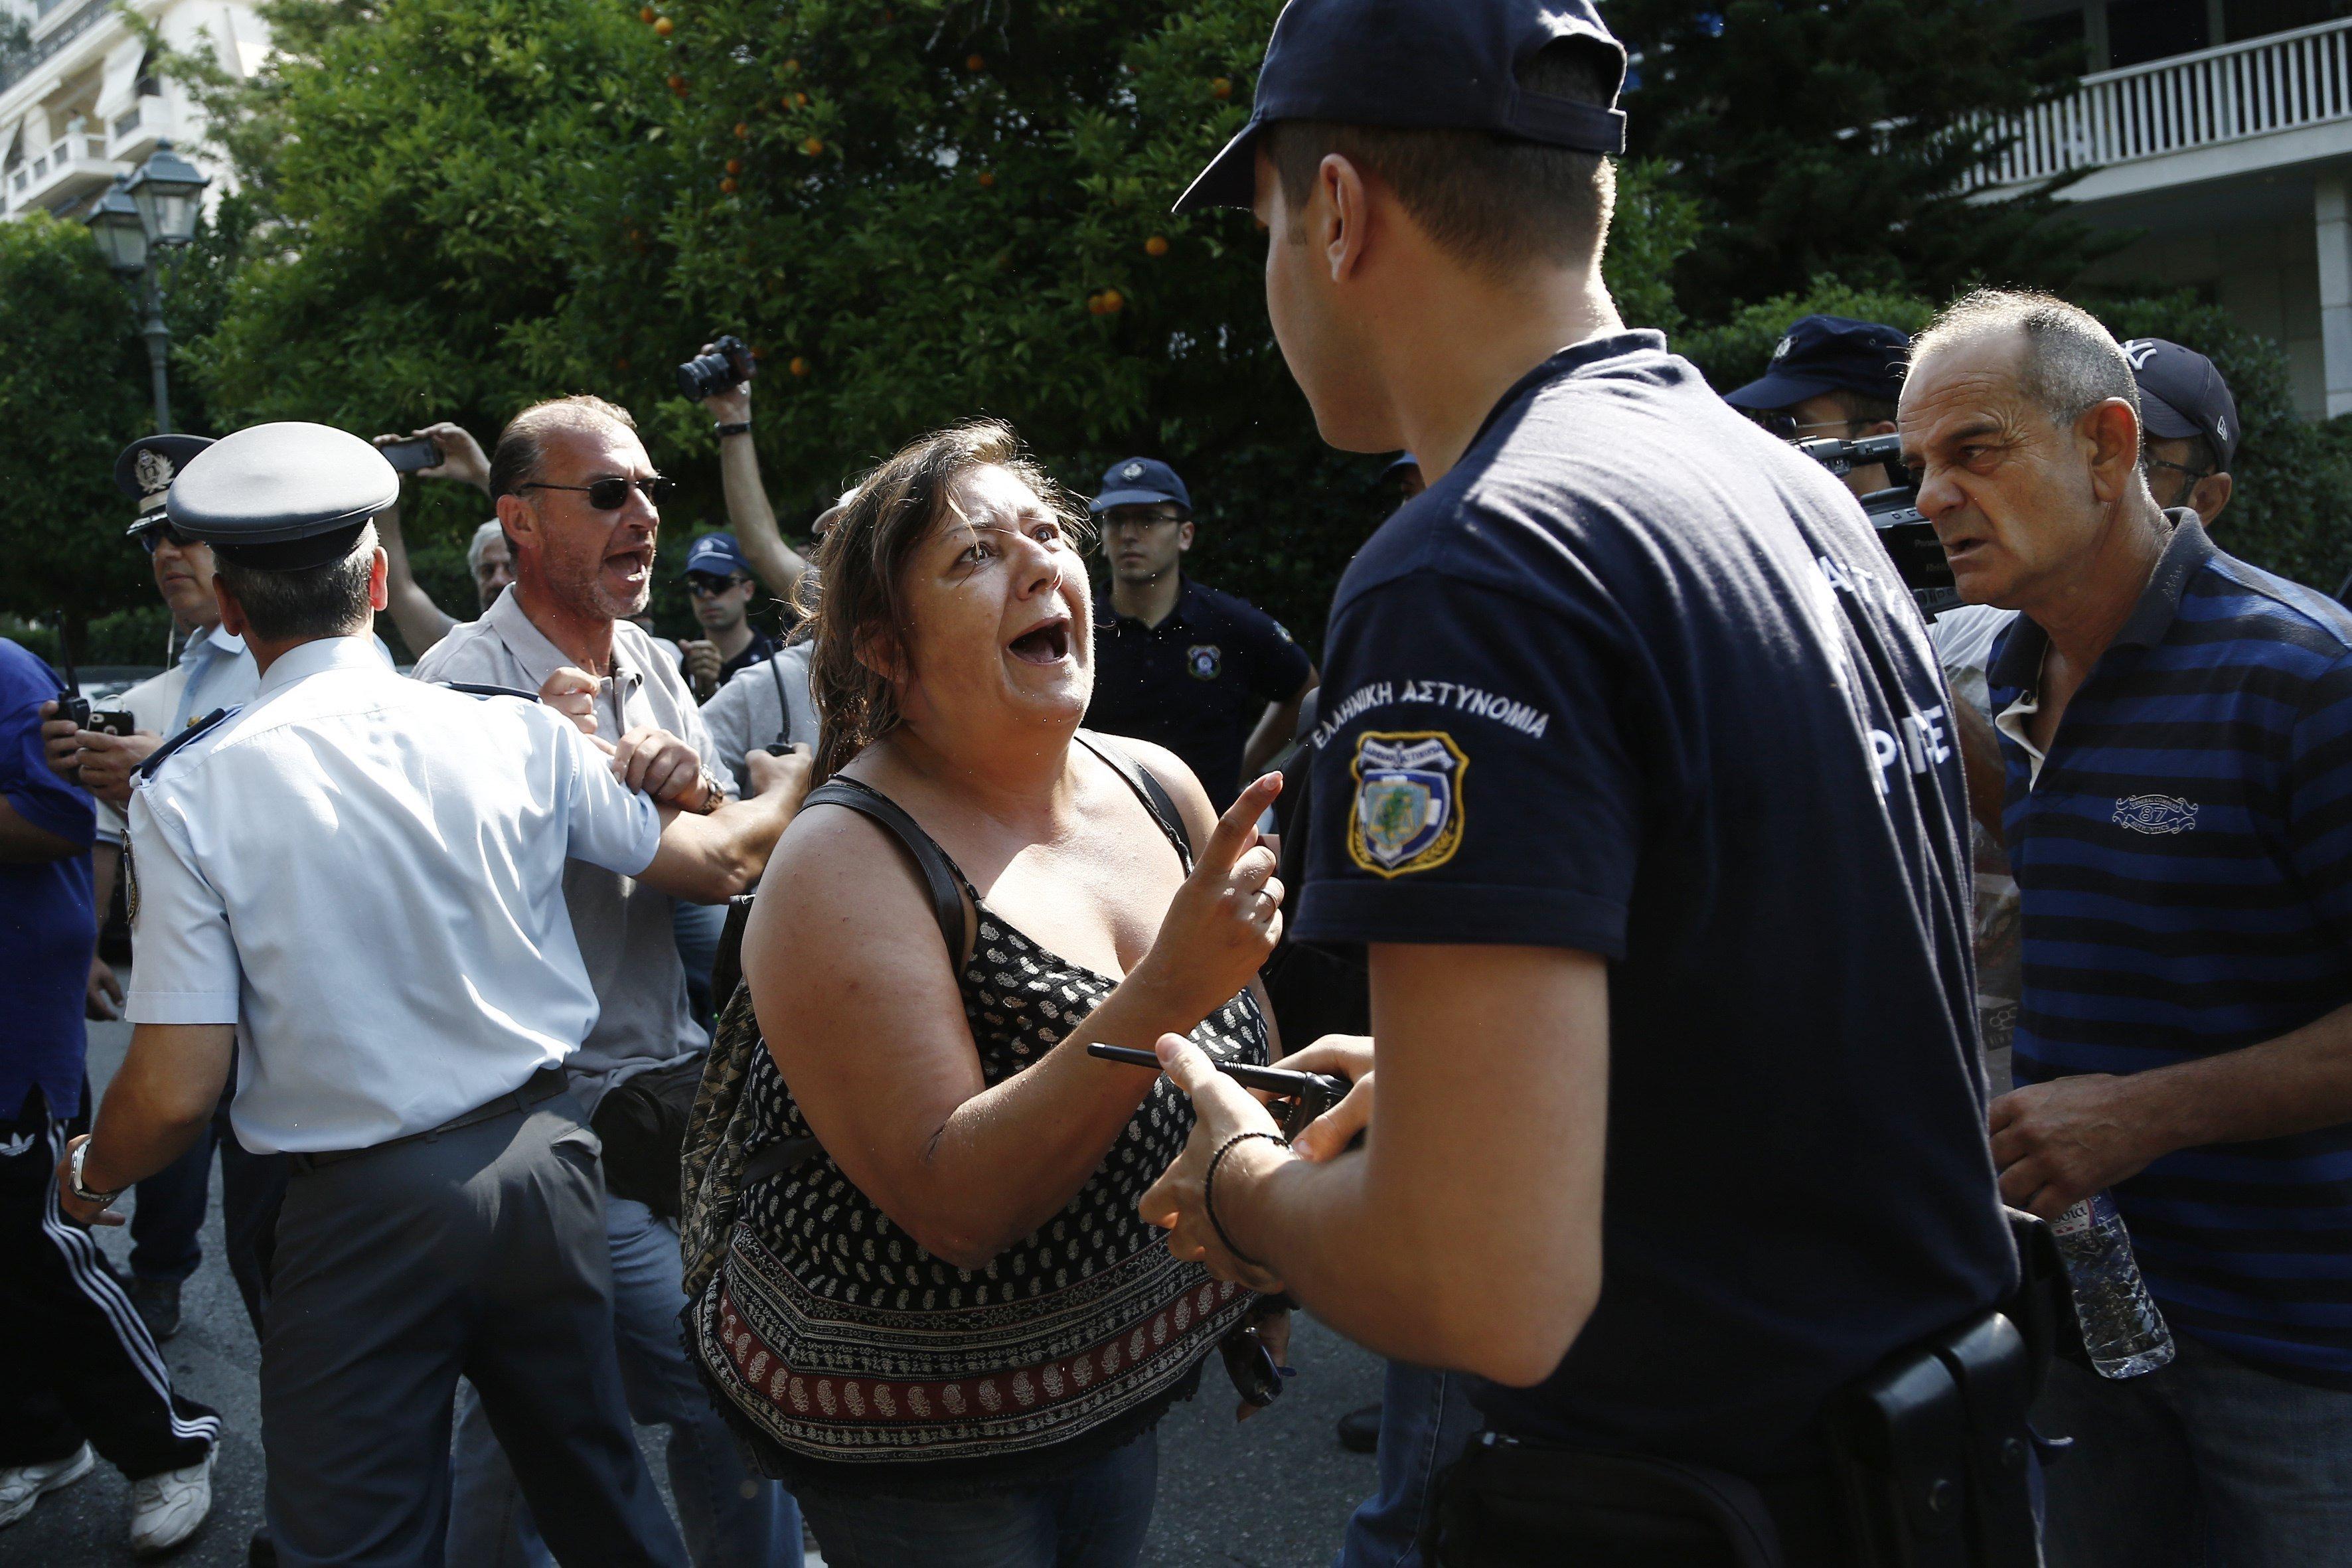 Empleats municipals s'enfronten a agents de policia mentre protesten per demanar contractes indefinits davant l'oficina del primer ministre a Atenes, Grècia. /YANNIS KOLESIDIS